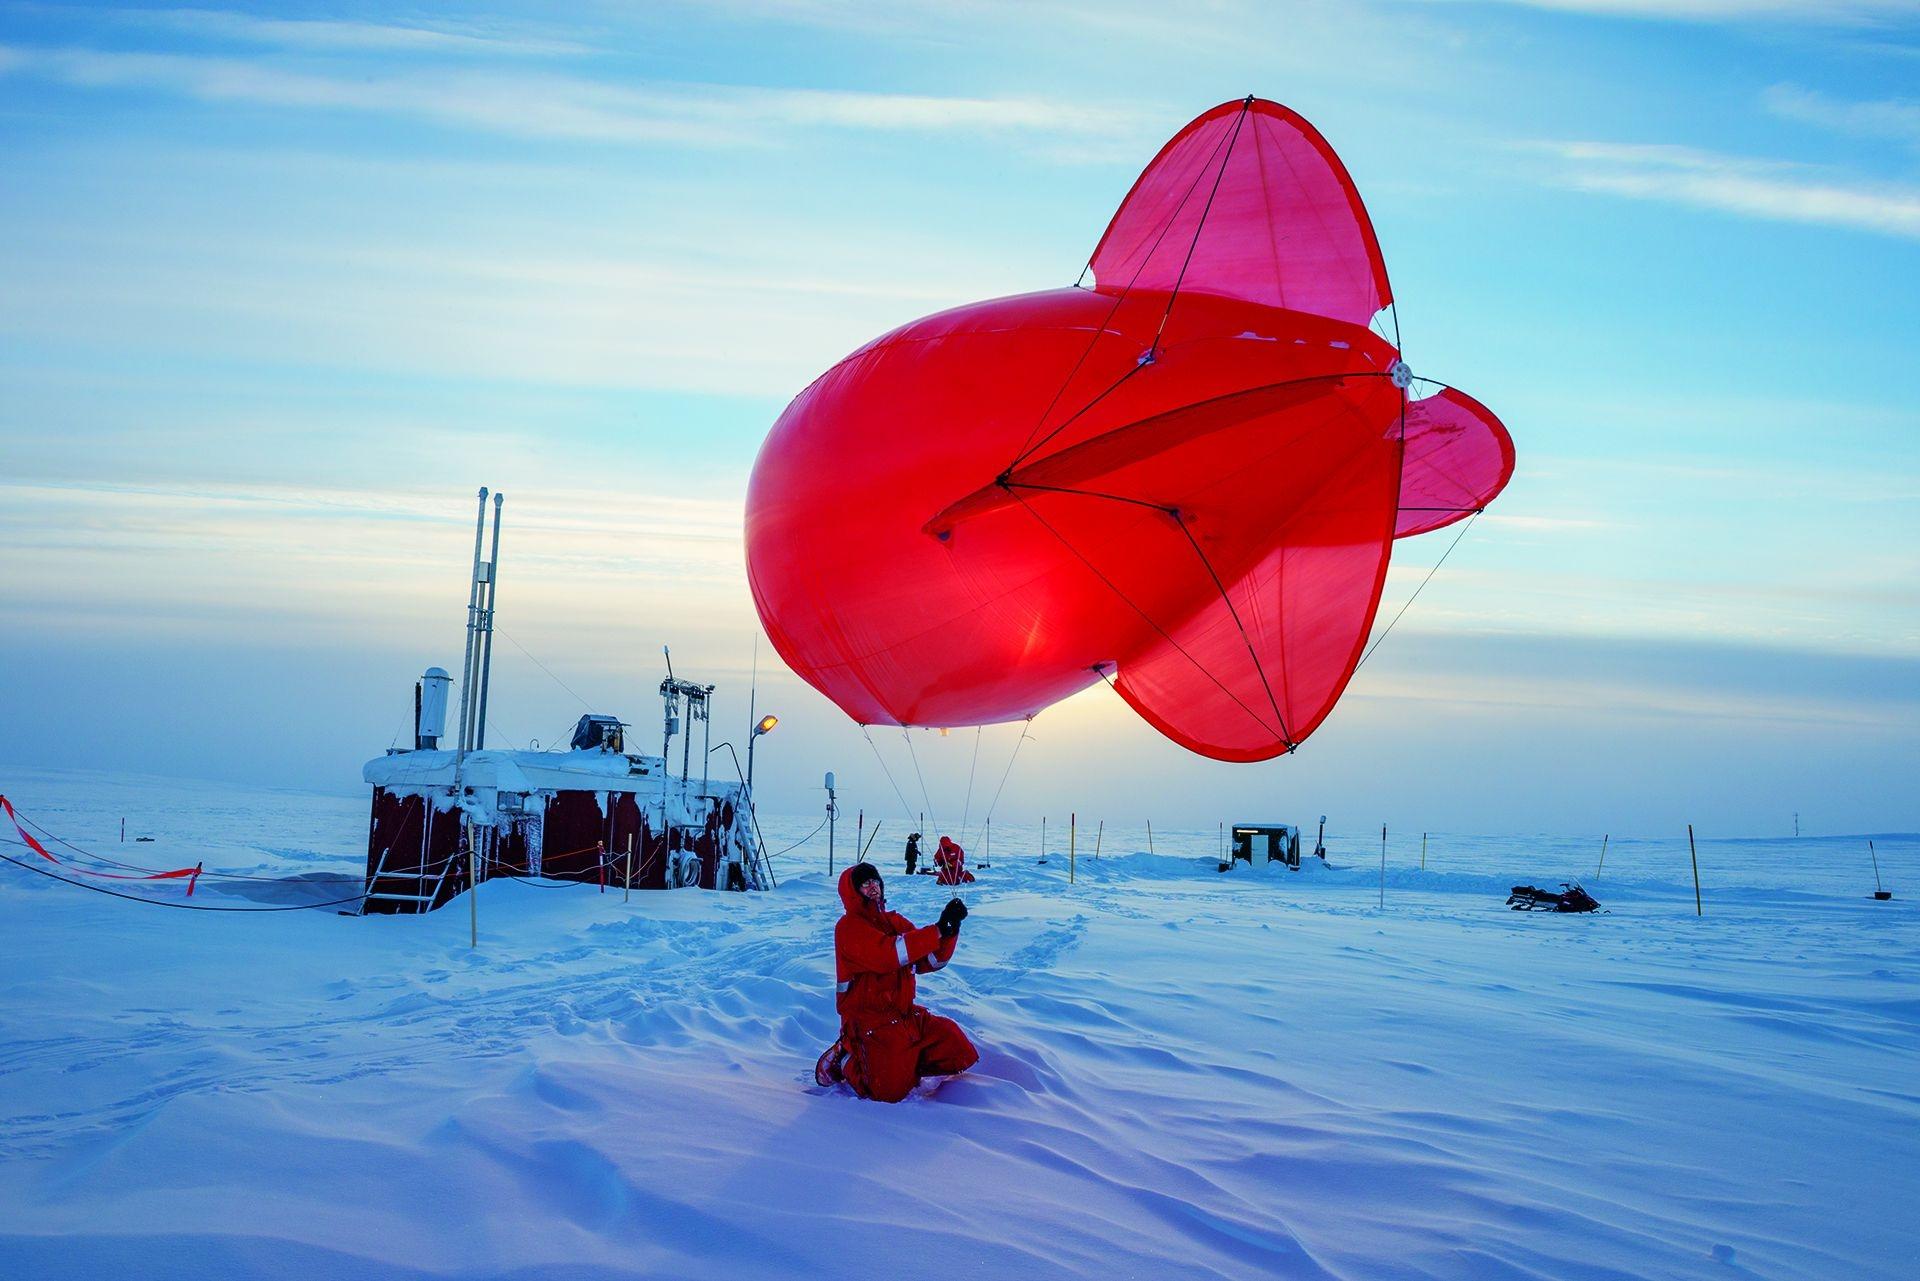 北站東南方約2公里處的弗萊格小屋外繫著一顆氦氣球。這顆氦氣球用來測量大氣層最底層的空氣亂流、太陽與地球輻射,以及黑碳量,因為飛機無法在這麼低的高度安全飛行。攝影:埃絲特.霍瓦斯ESTHER HORVATH